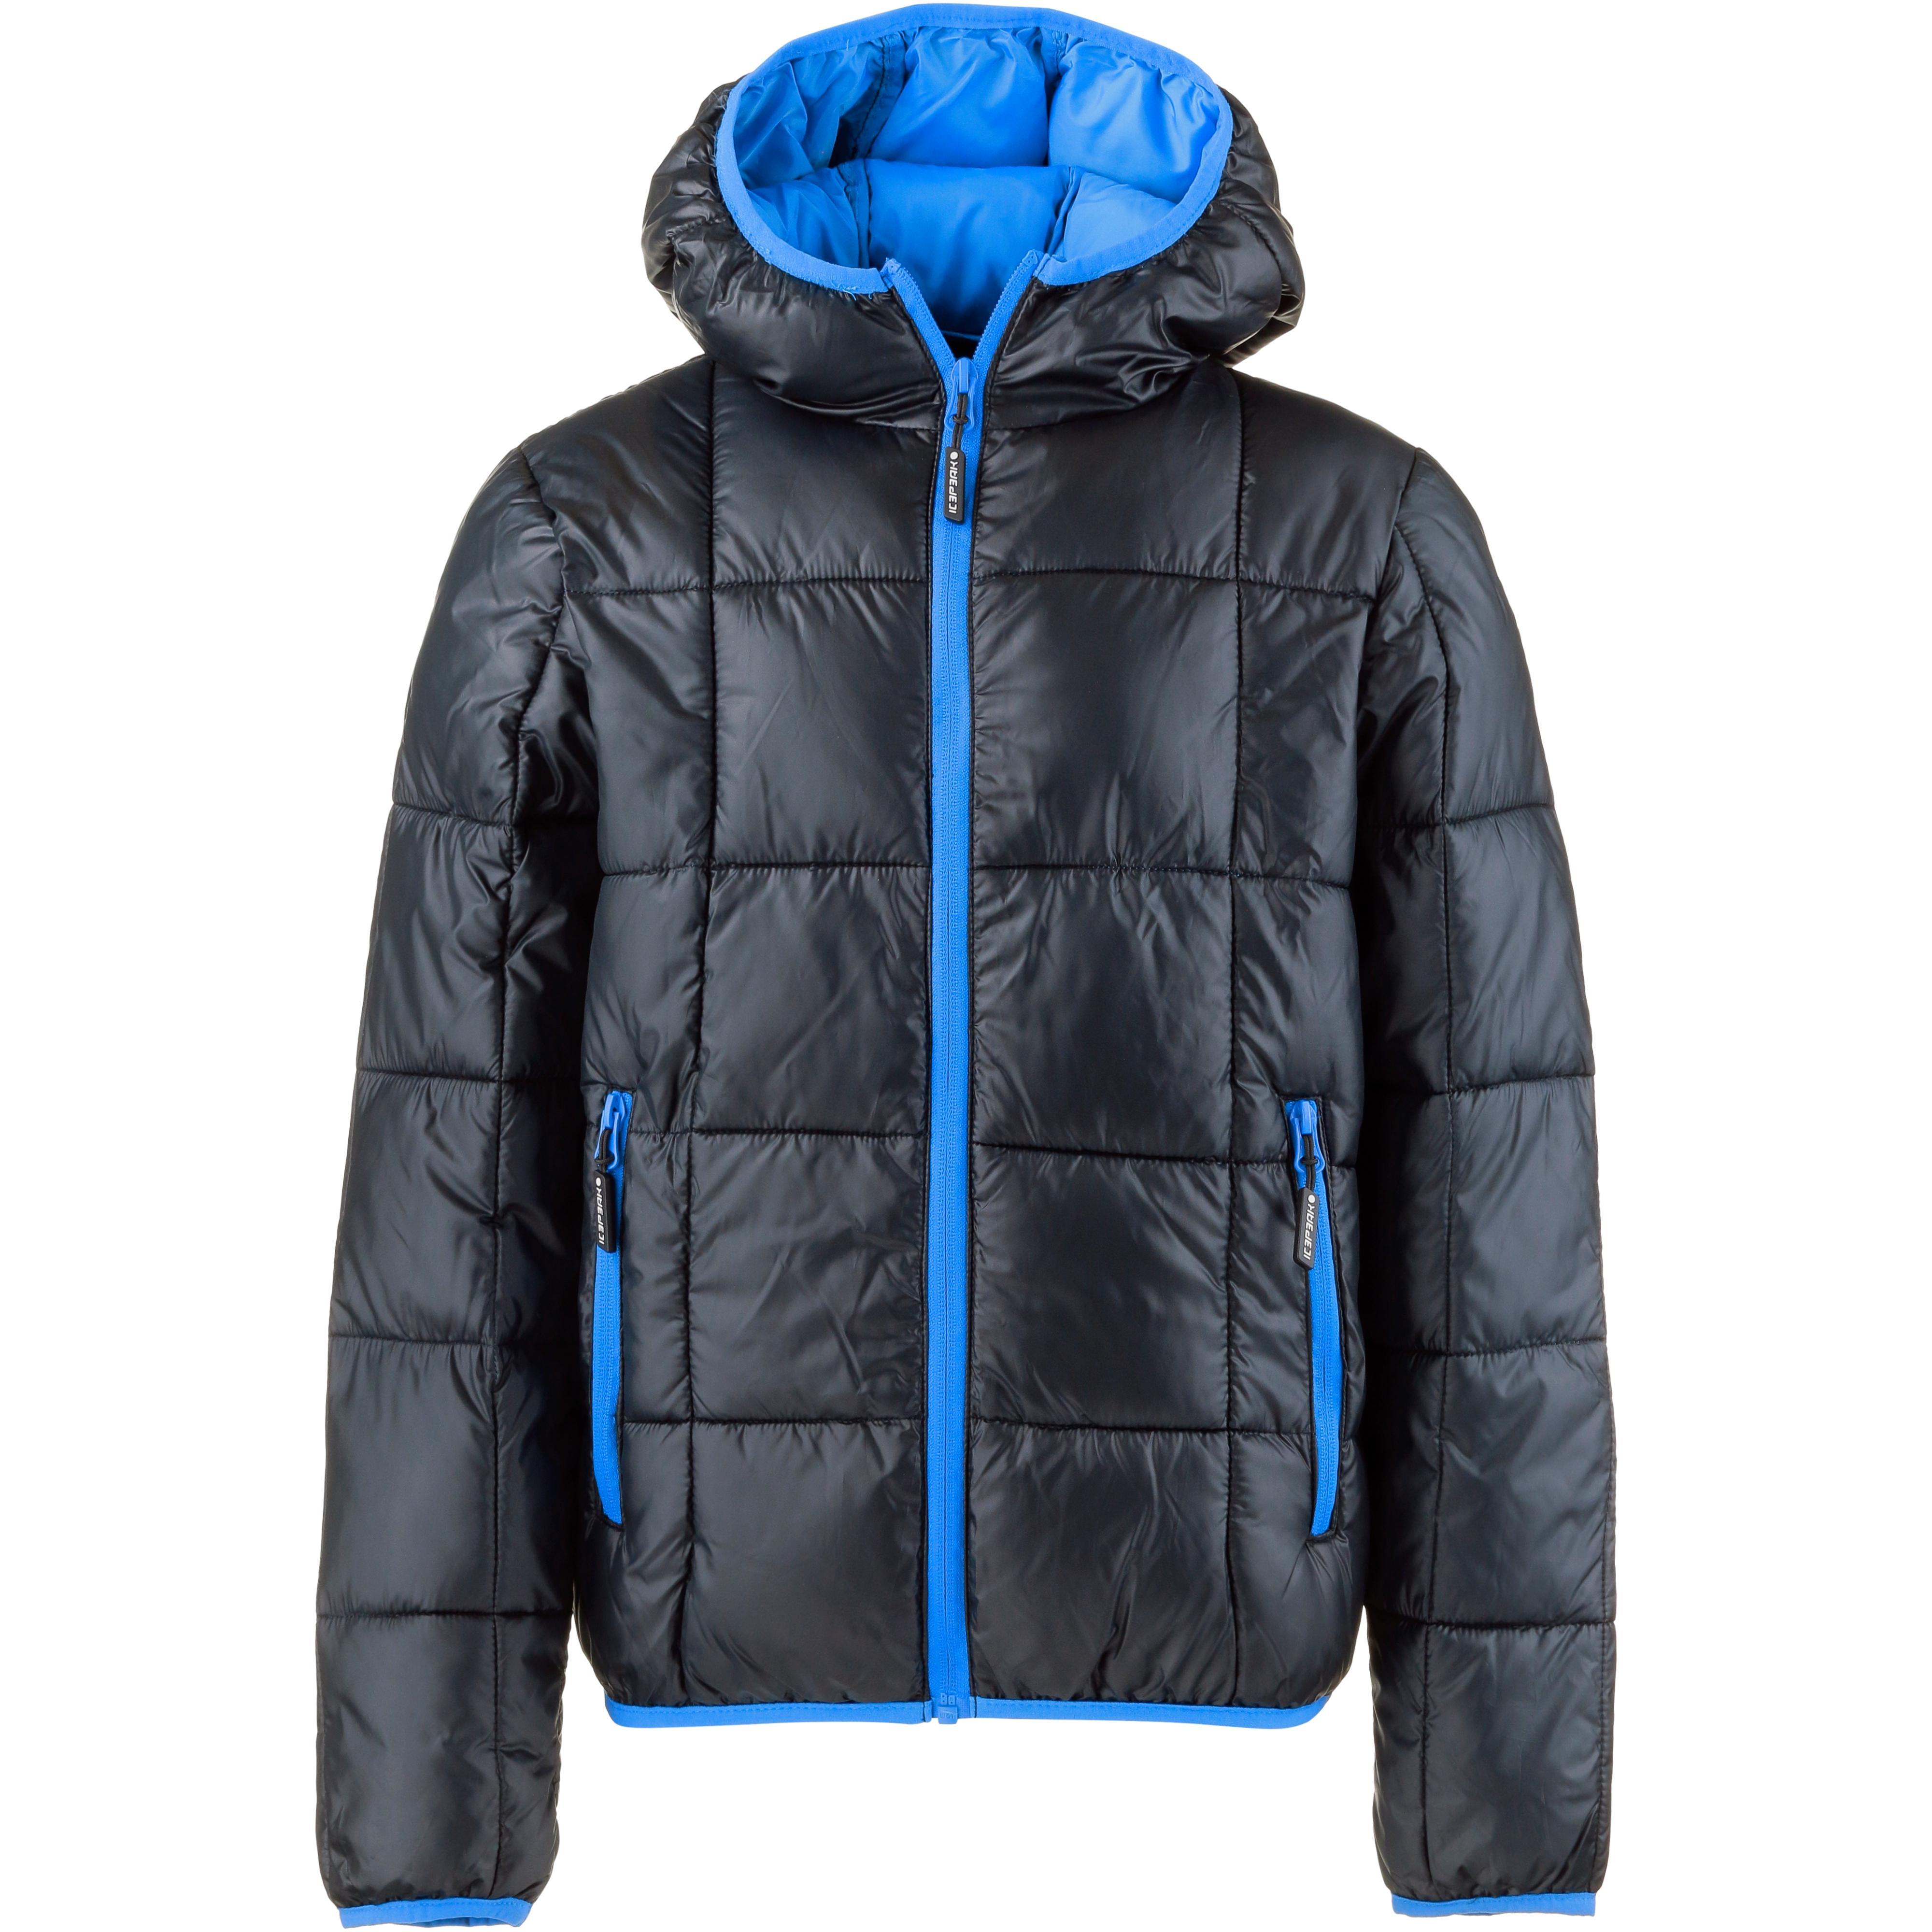 icepeak jacken online kaufen bei sportscheck  icepeak steppjacke kinder grey blue